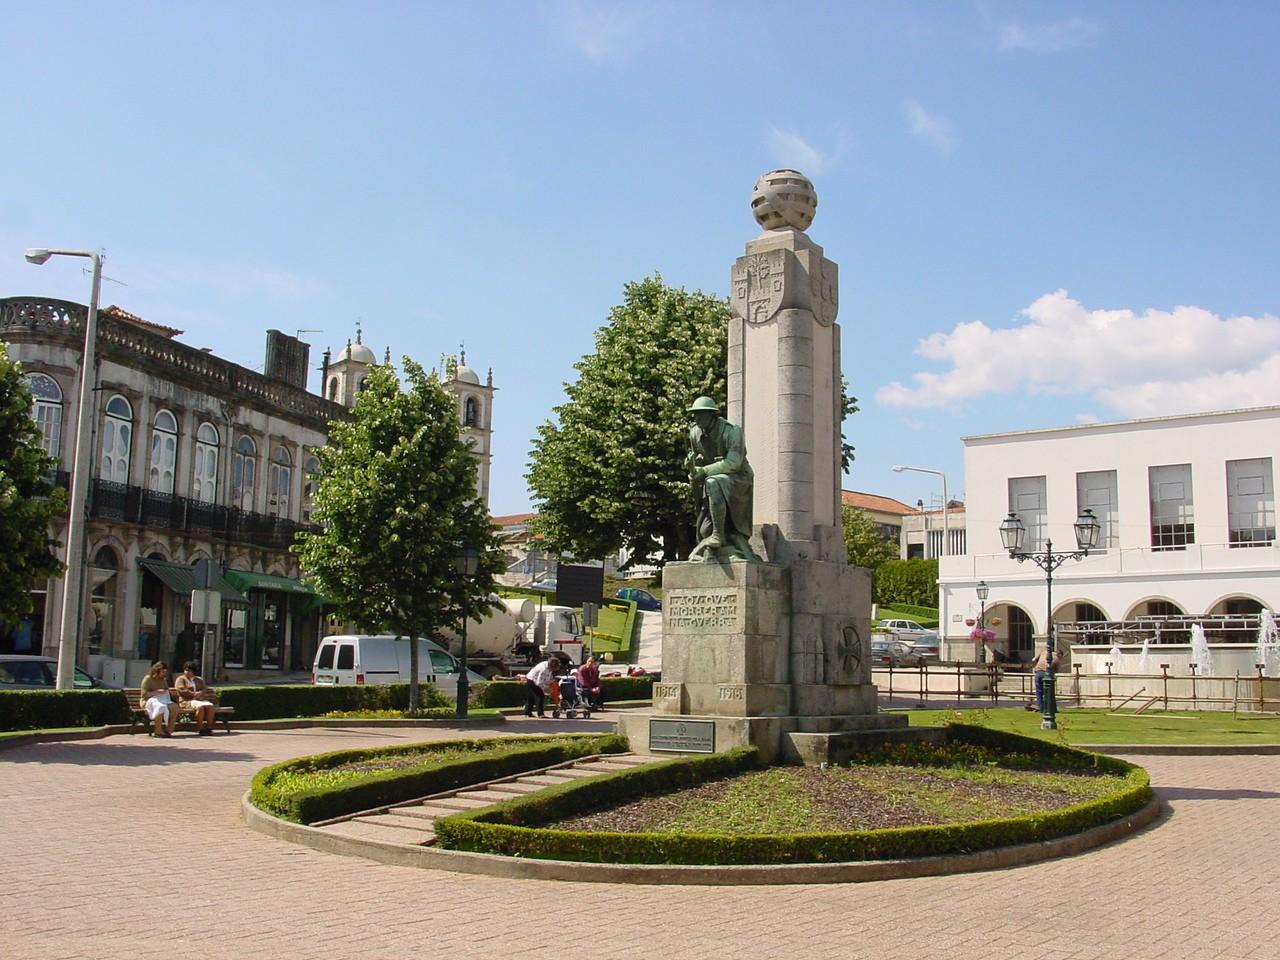 Monumento aos Combatentes da Grande Guerra, localizado no jardim público de Oliveira de Azeméis